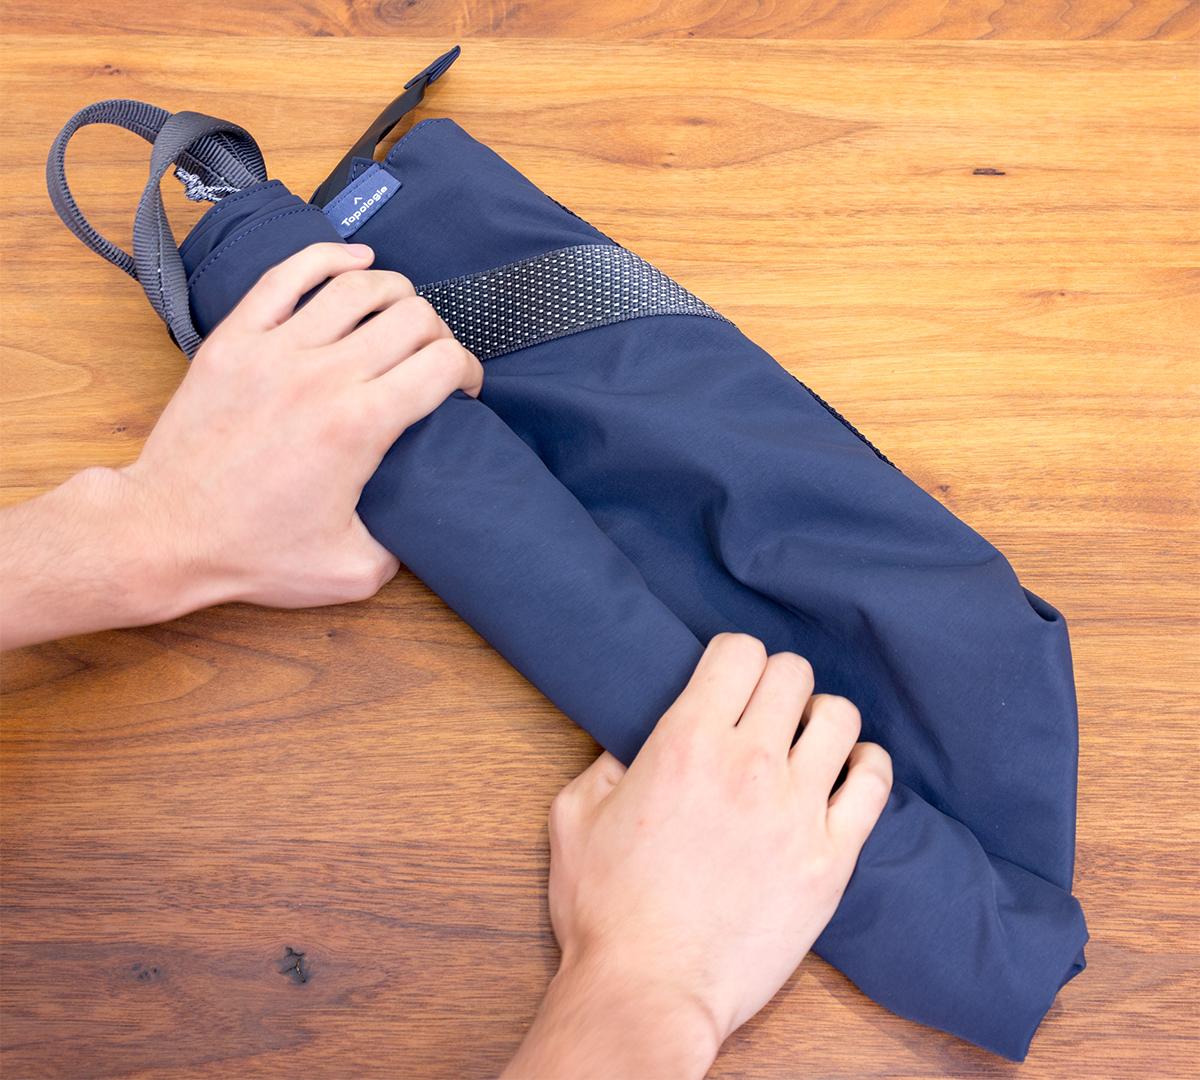 小さく畳んでスーツケースの隙間に入れて、旅行時のお土産を入れるバッグや機内用バッグにもなる2WAYトートバッグ | Topologie